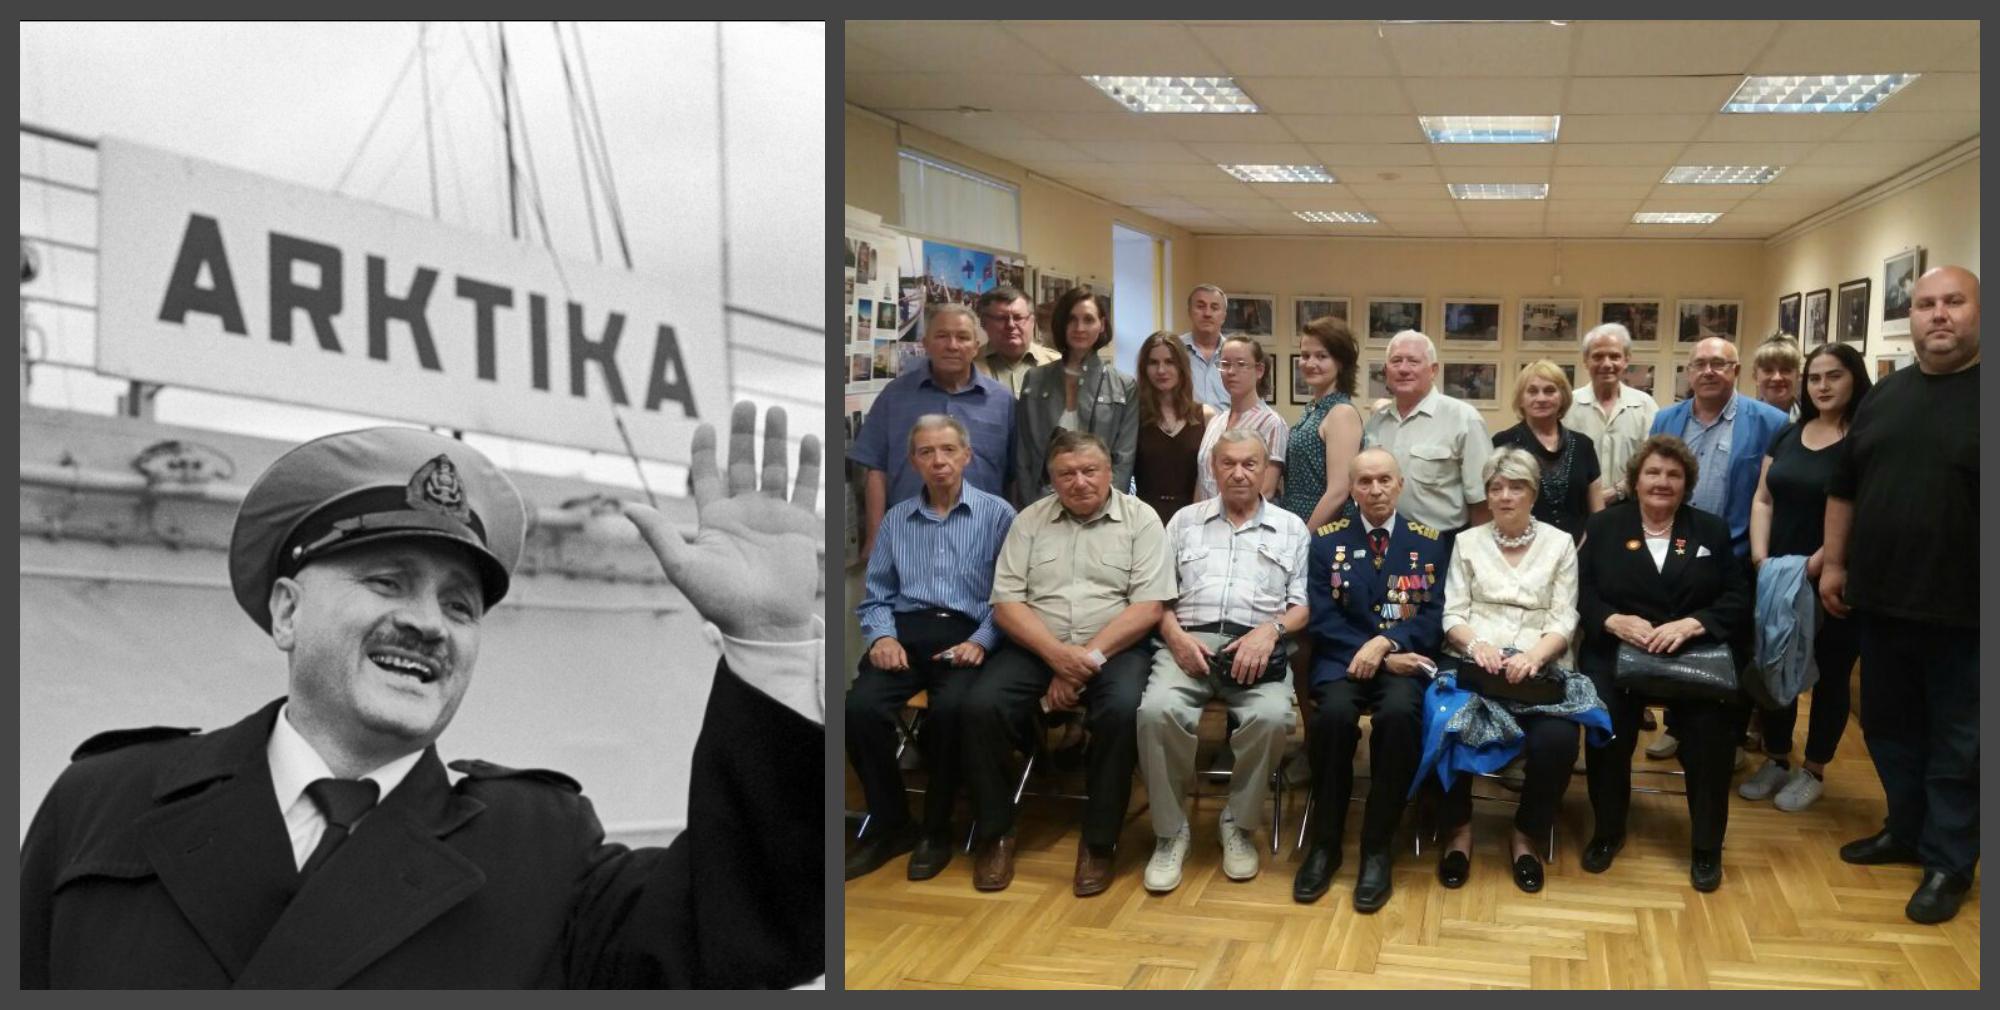 В Санкт-Петербурге состоялось мероприятие, посвященное 40 годовщине покорения Северного полюса атомоходом «Арктика» и памяти Ю.С. Кучиева